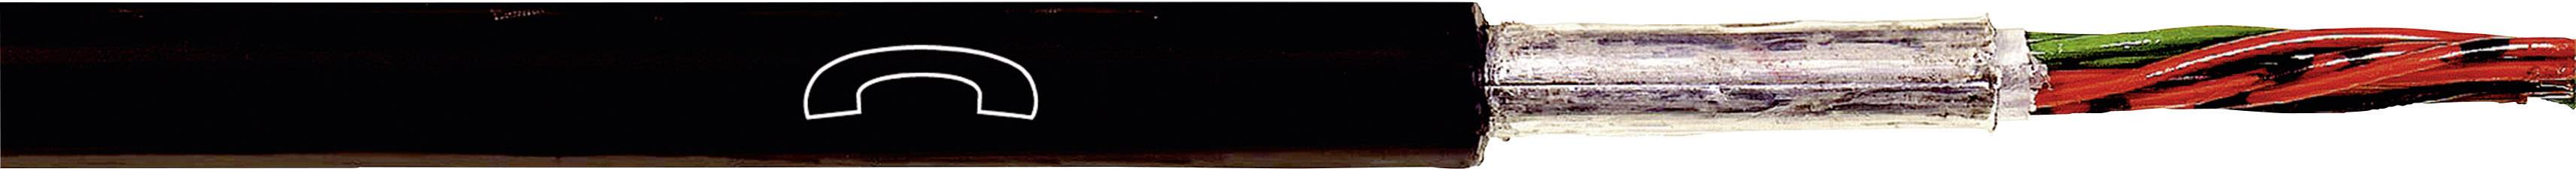 Kabel LappKabel A-2Y(L)2Y...ST III BD 10X2X0,8 (1591153), 15 mm, stíněný, černá, 500 m